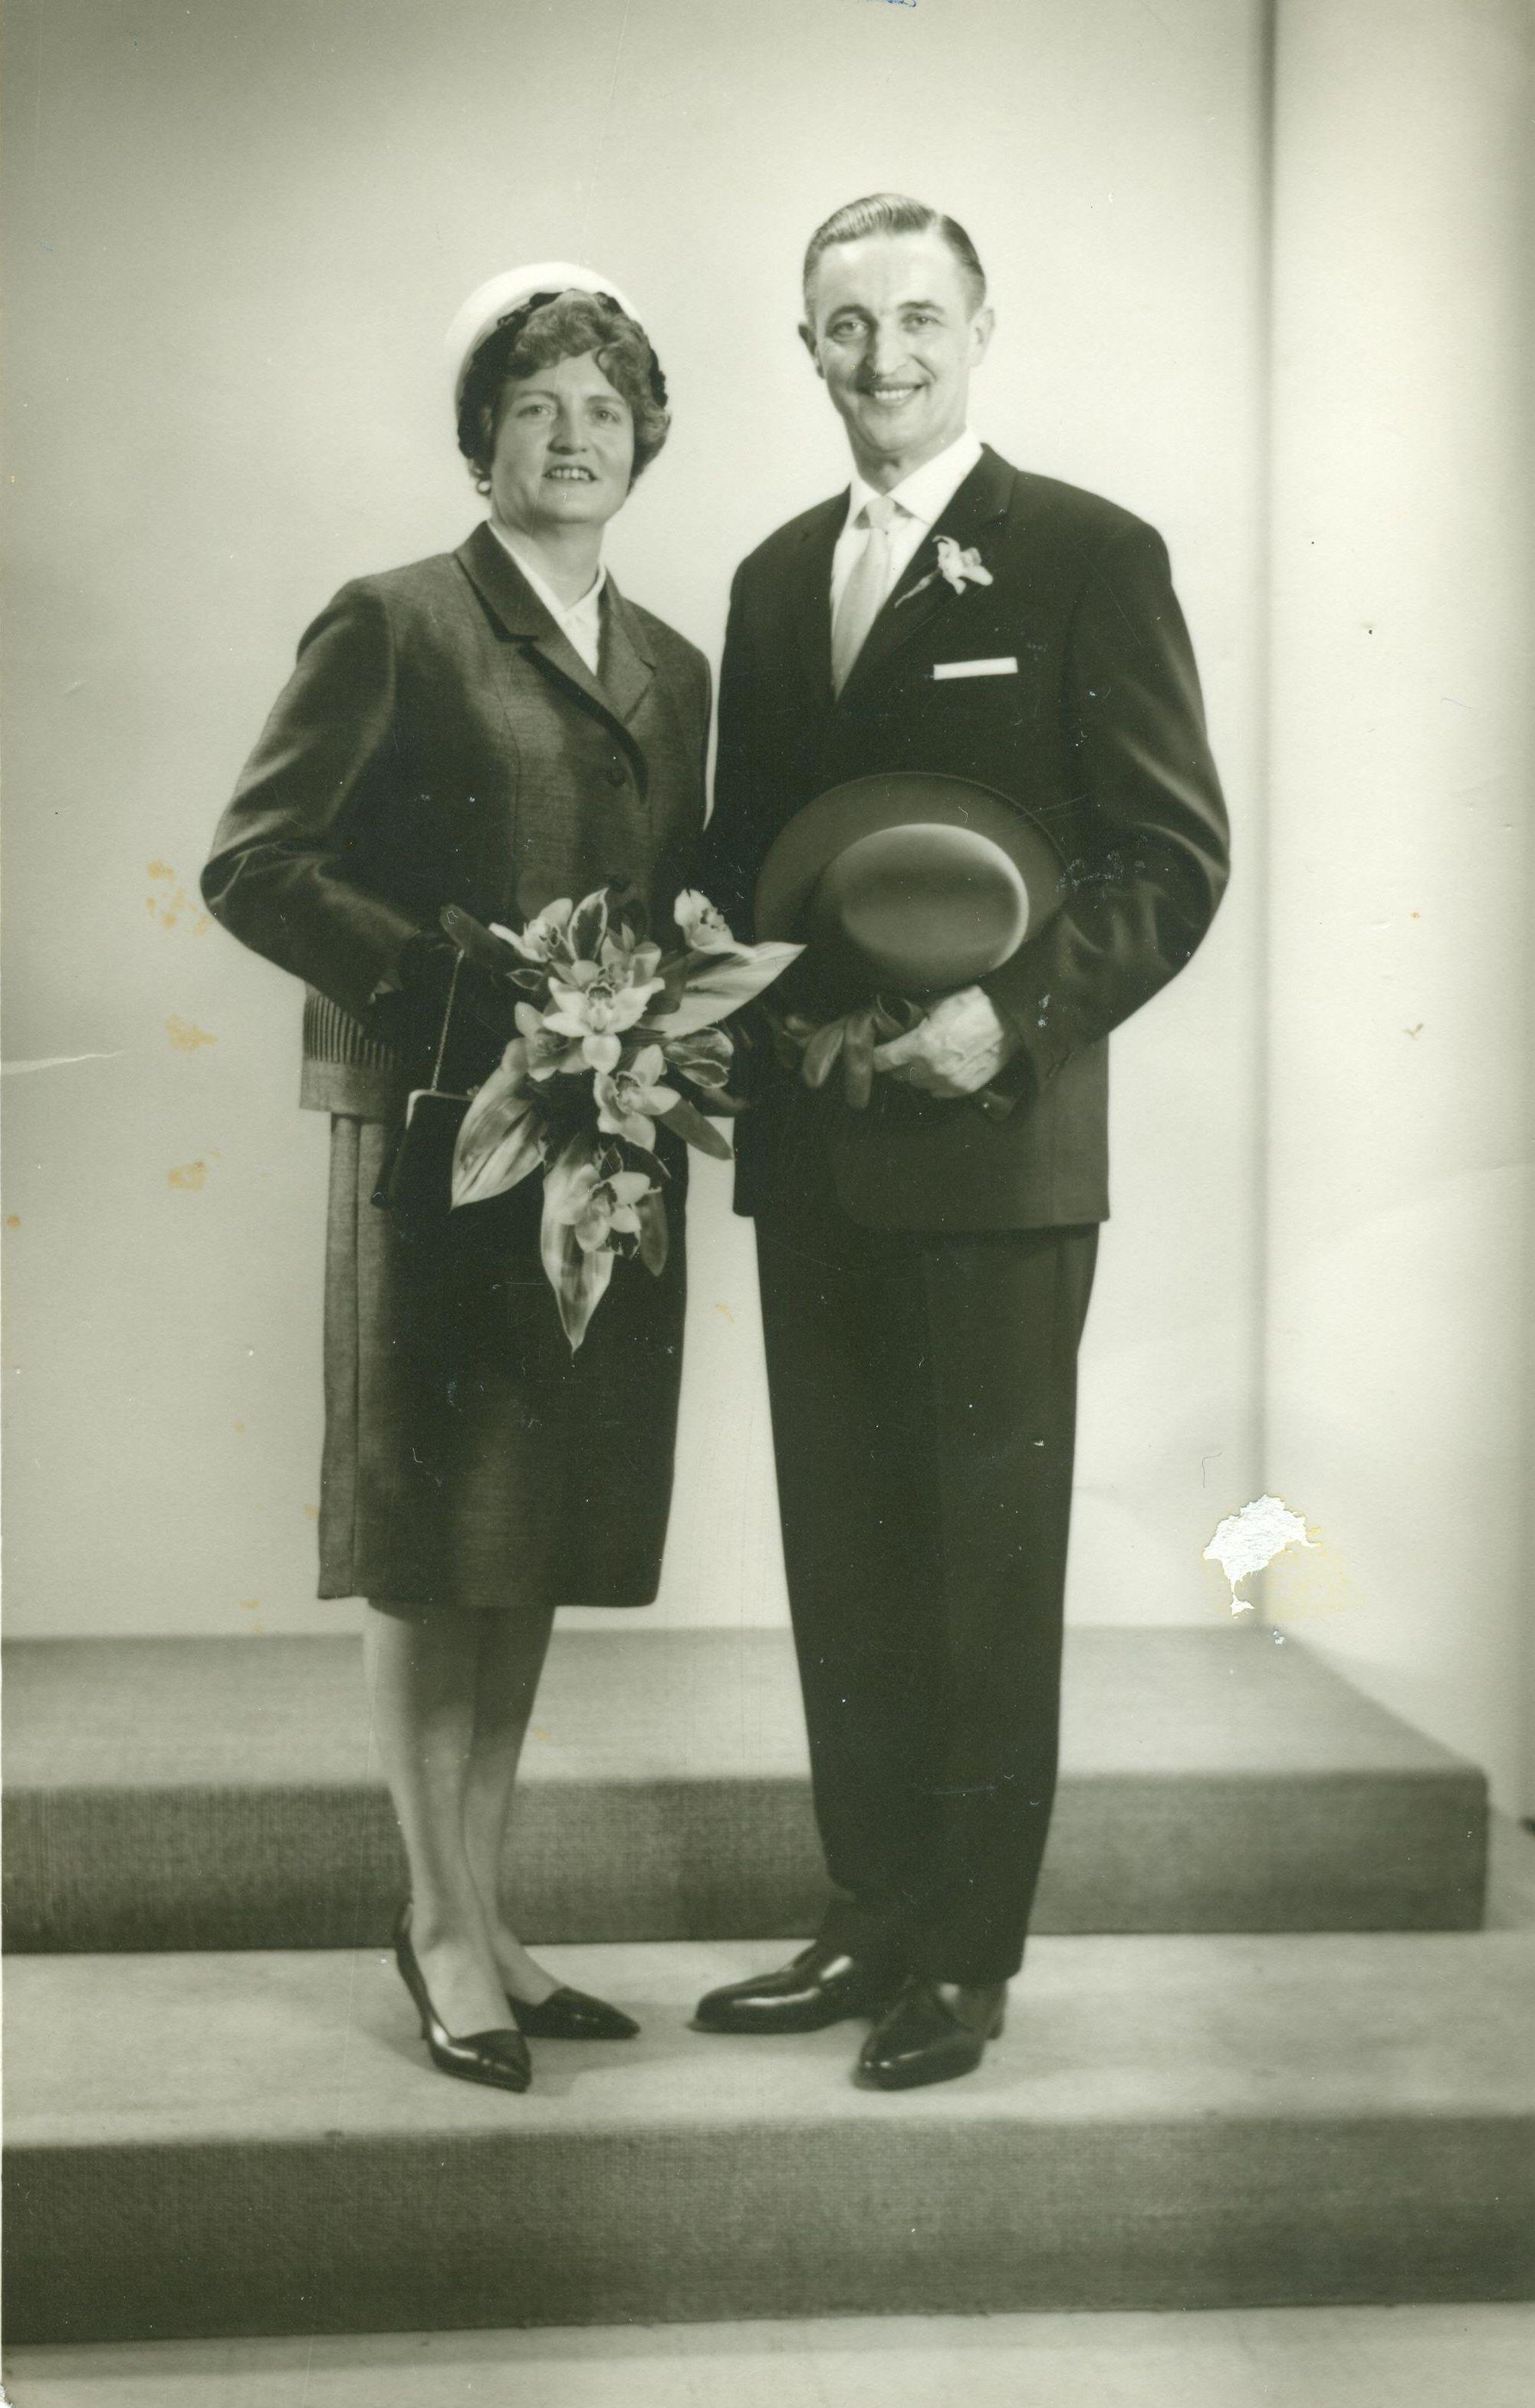 Rijkje van der Haar (1922-1986), Hendrik Gaasbeek (1920-1990)